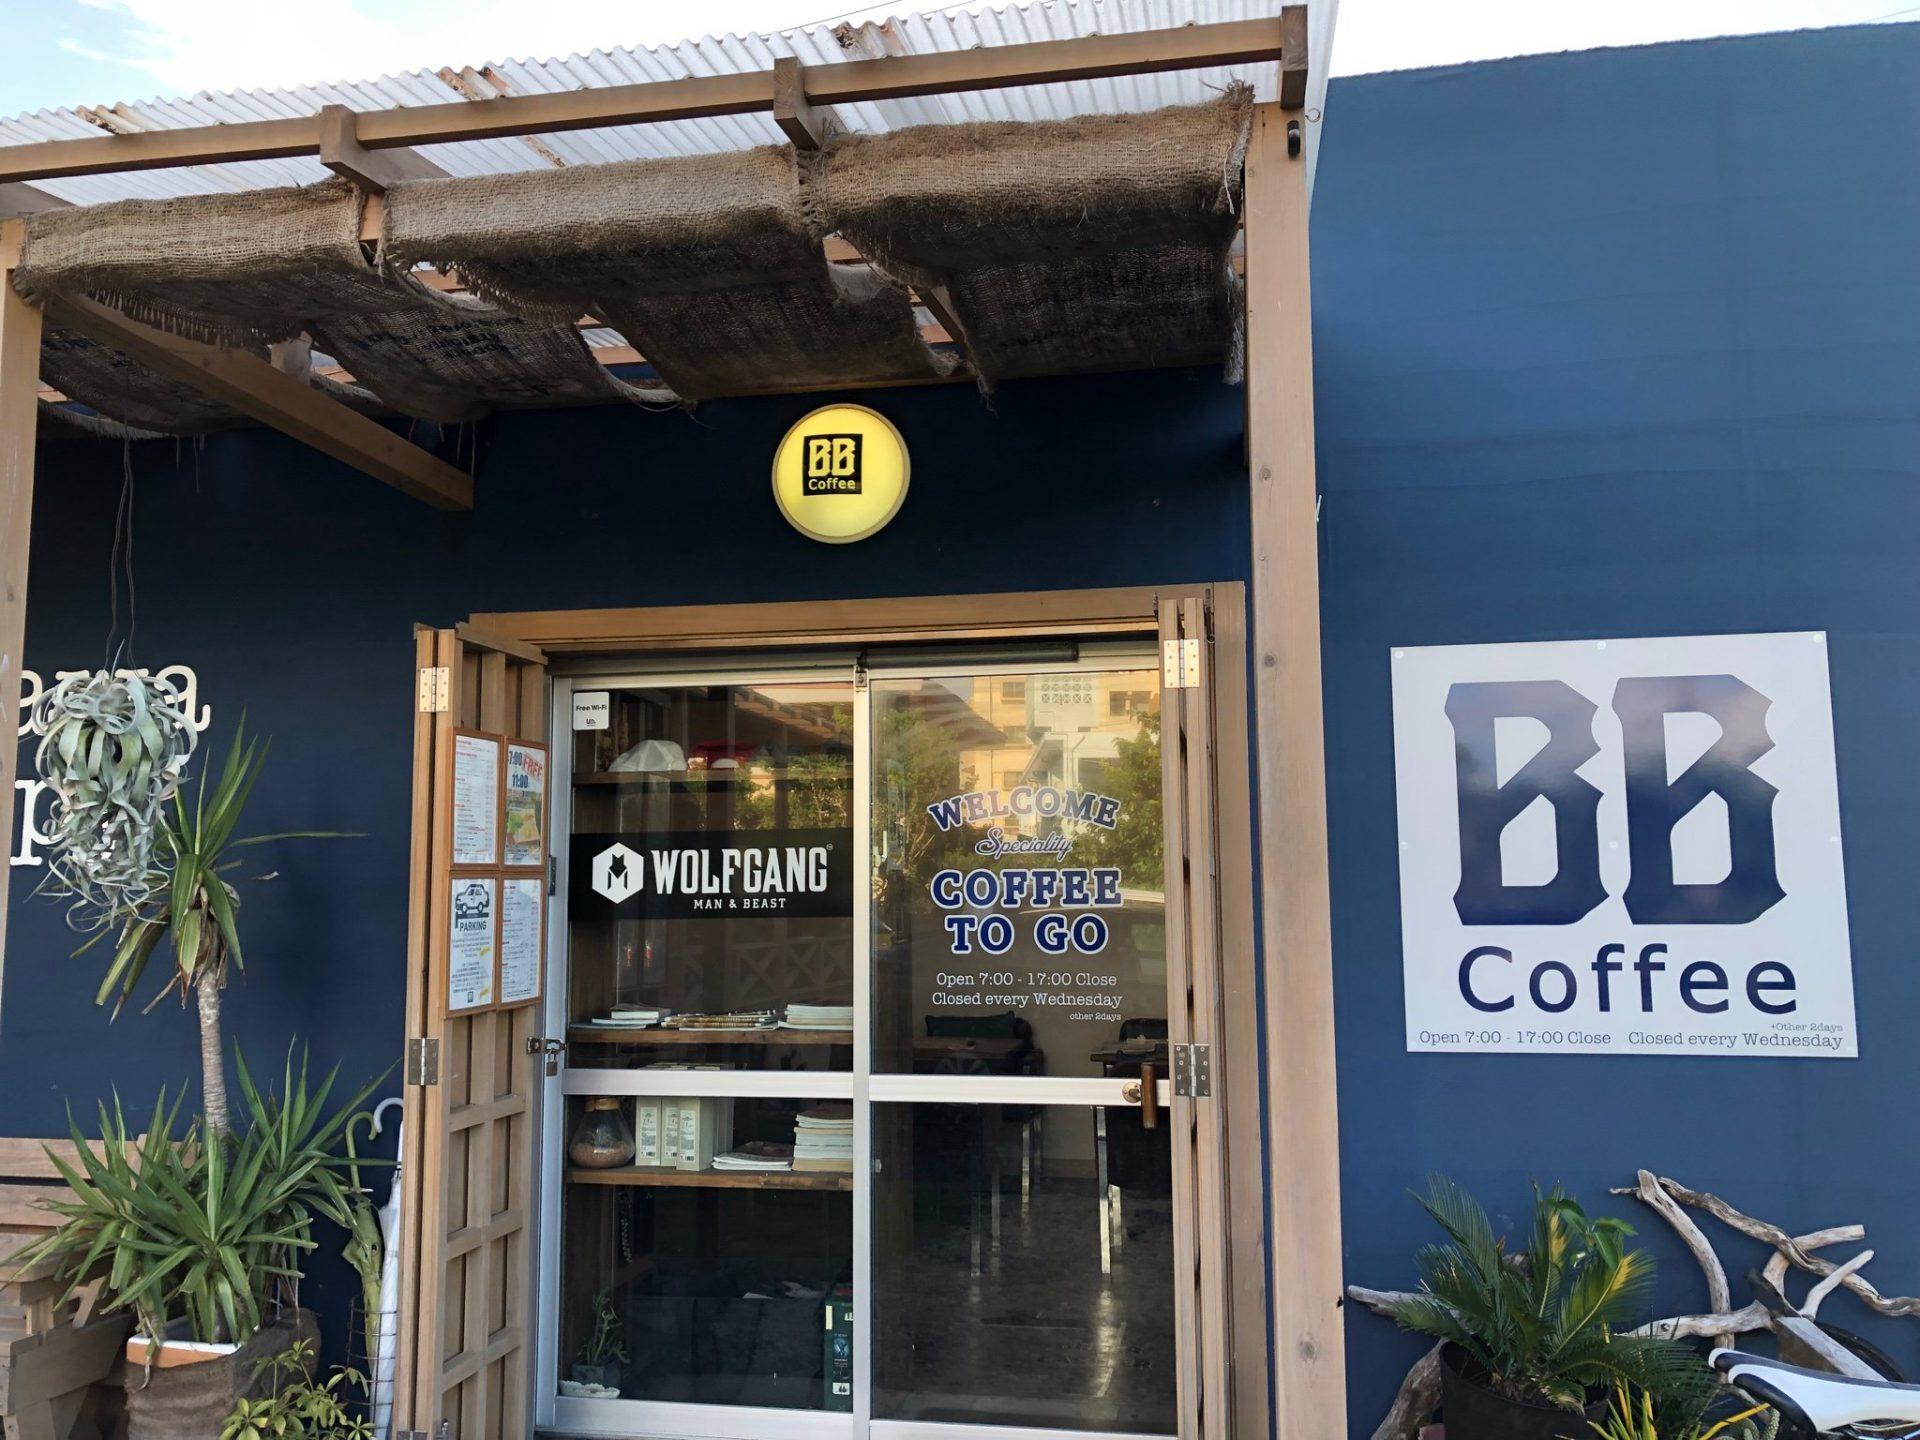 BBcoffee 沖縄市 沖縄 コーヒー おすすめ